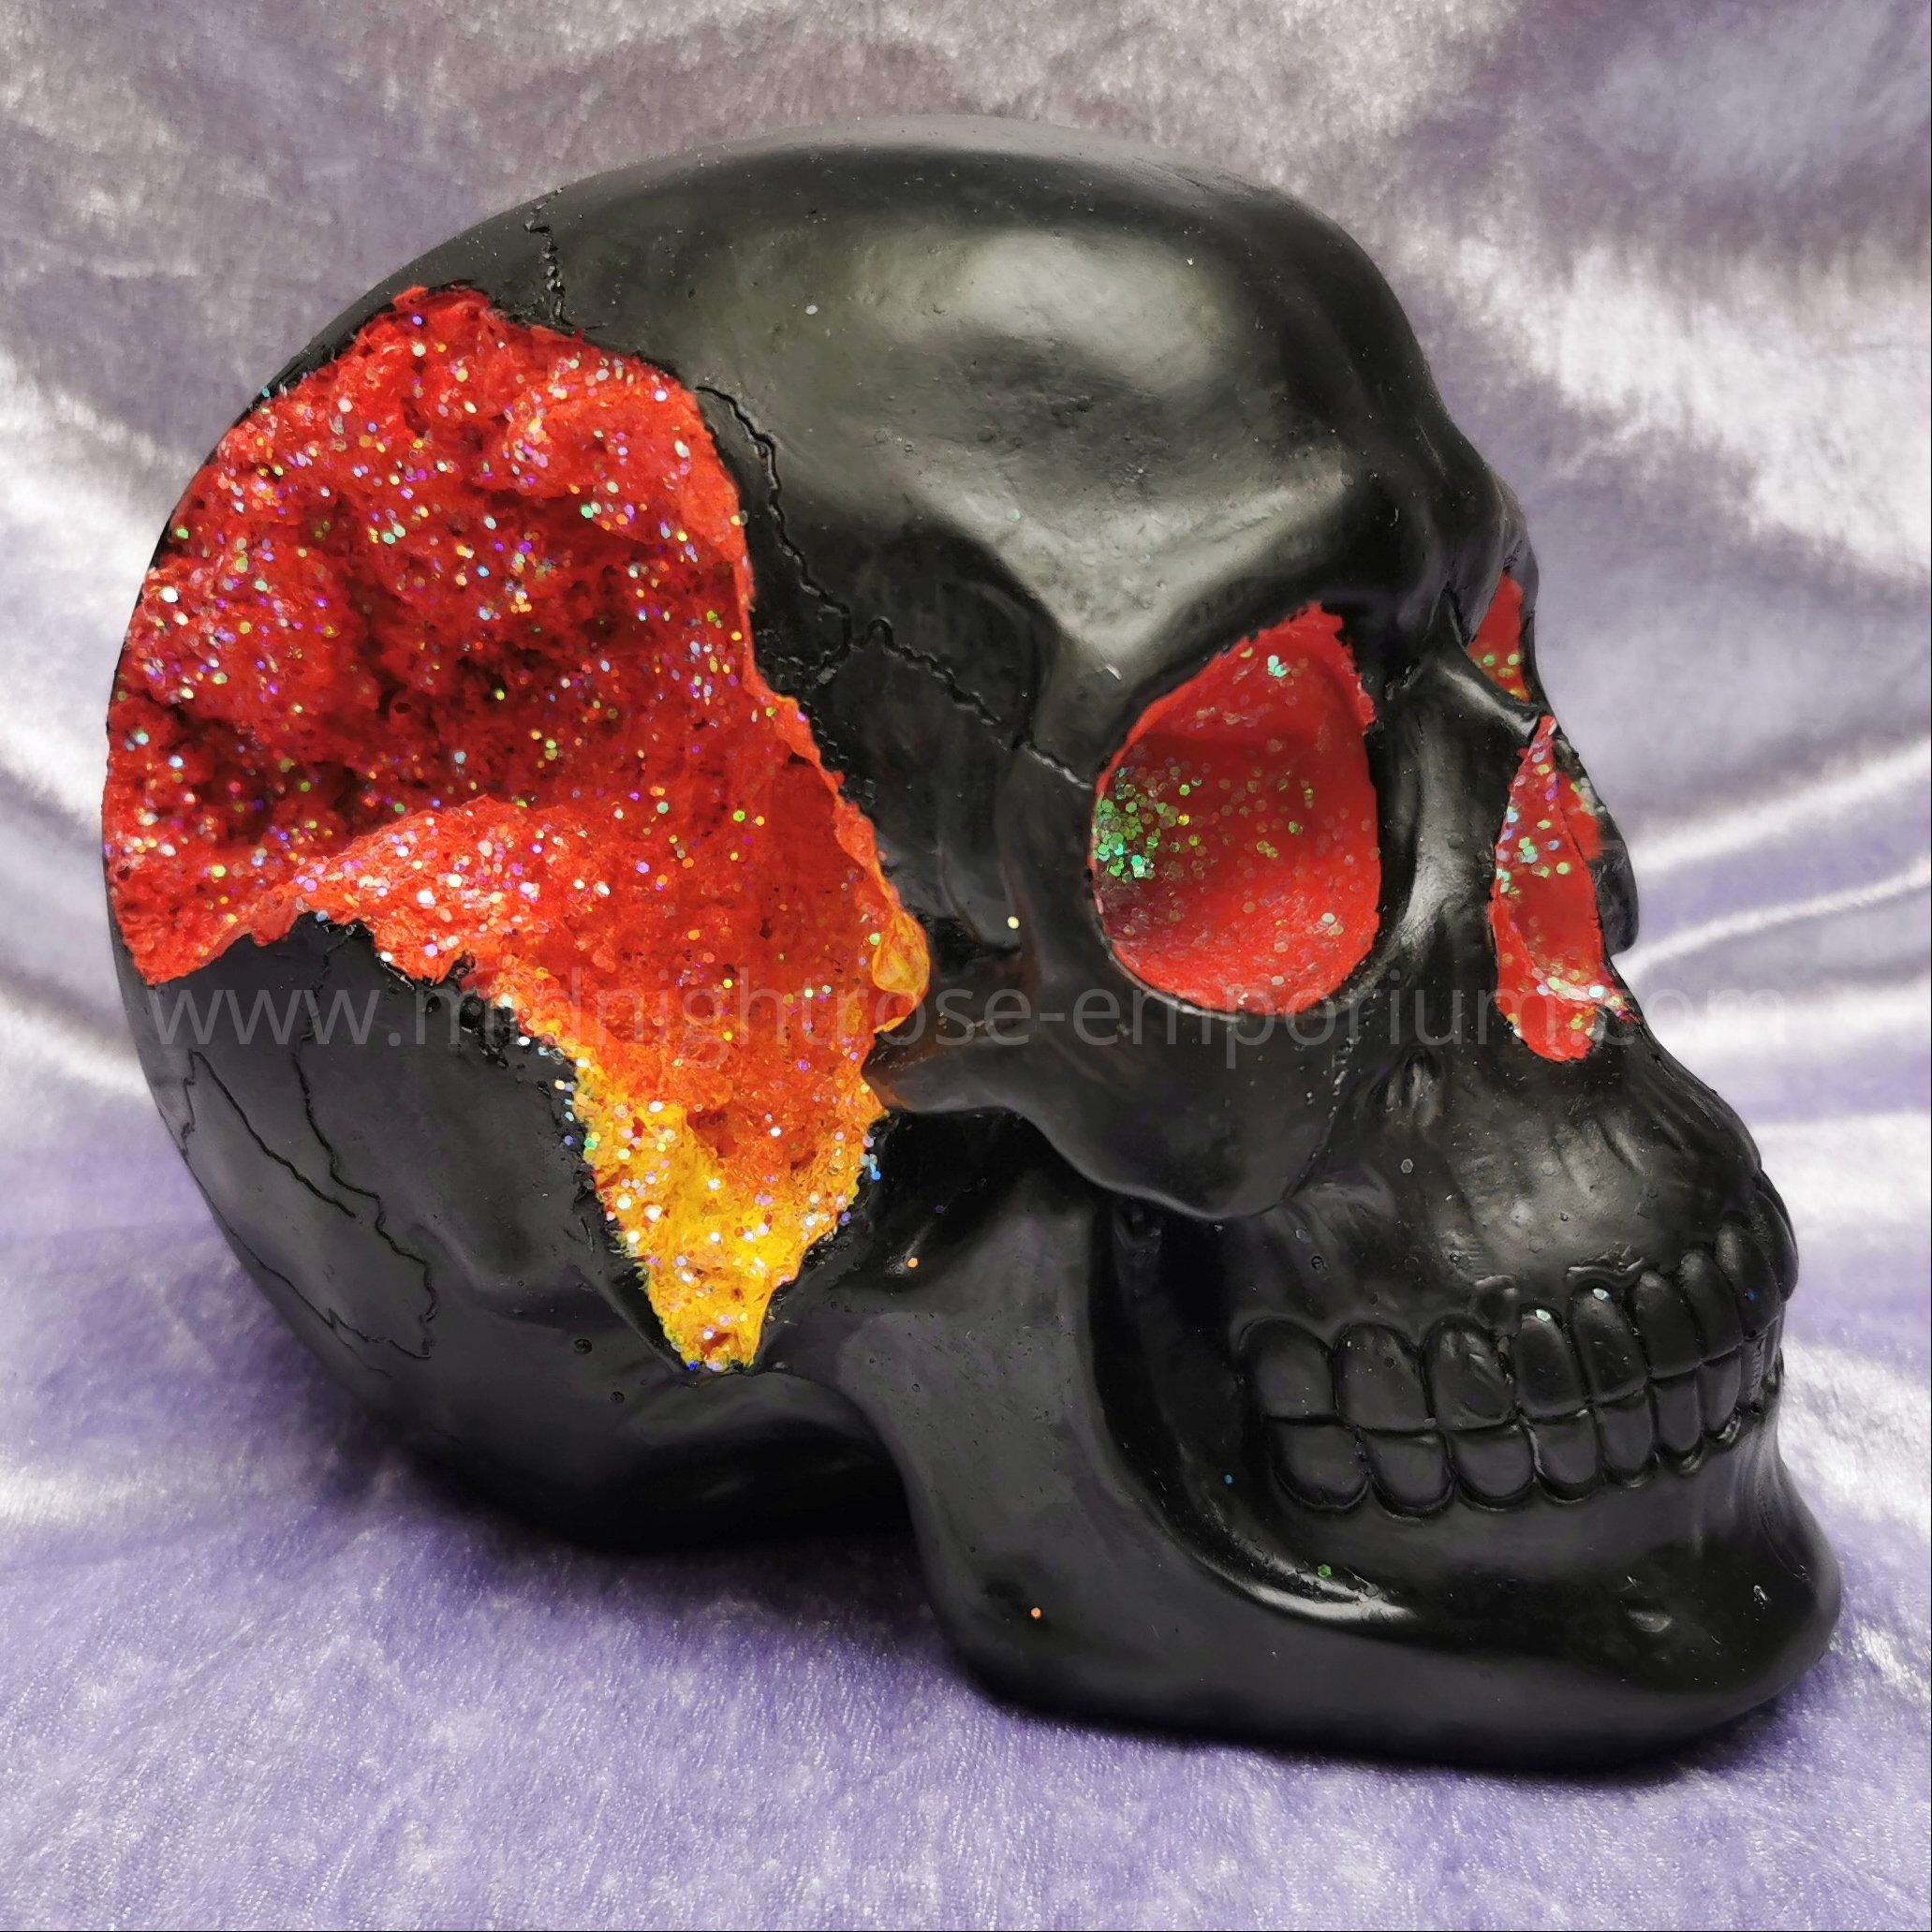 Sunset Ombre Geode Skull Ornament